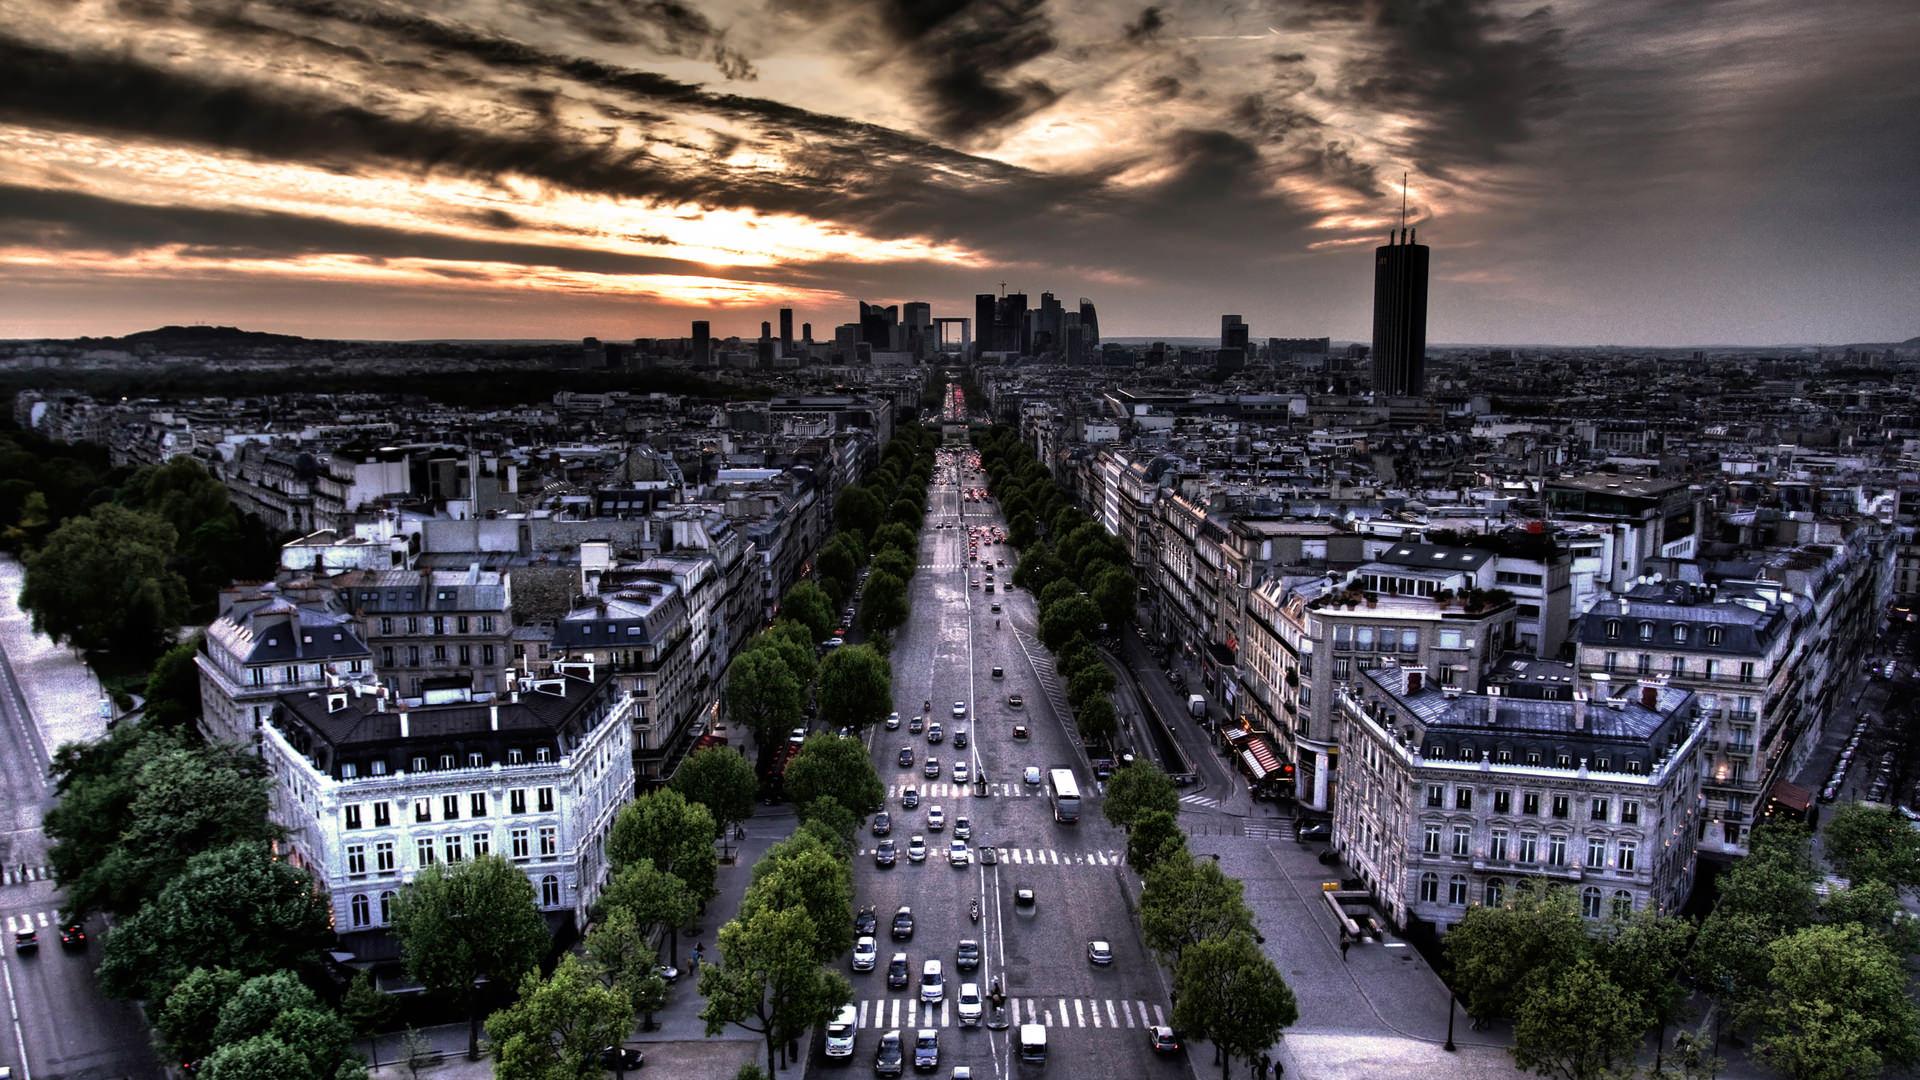 parios landscape fabulous view image